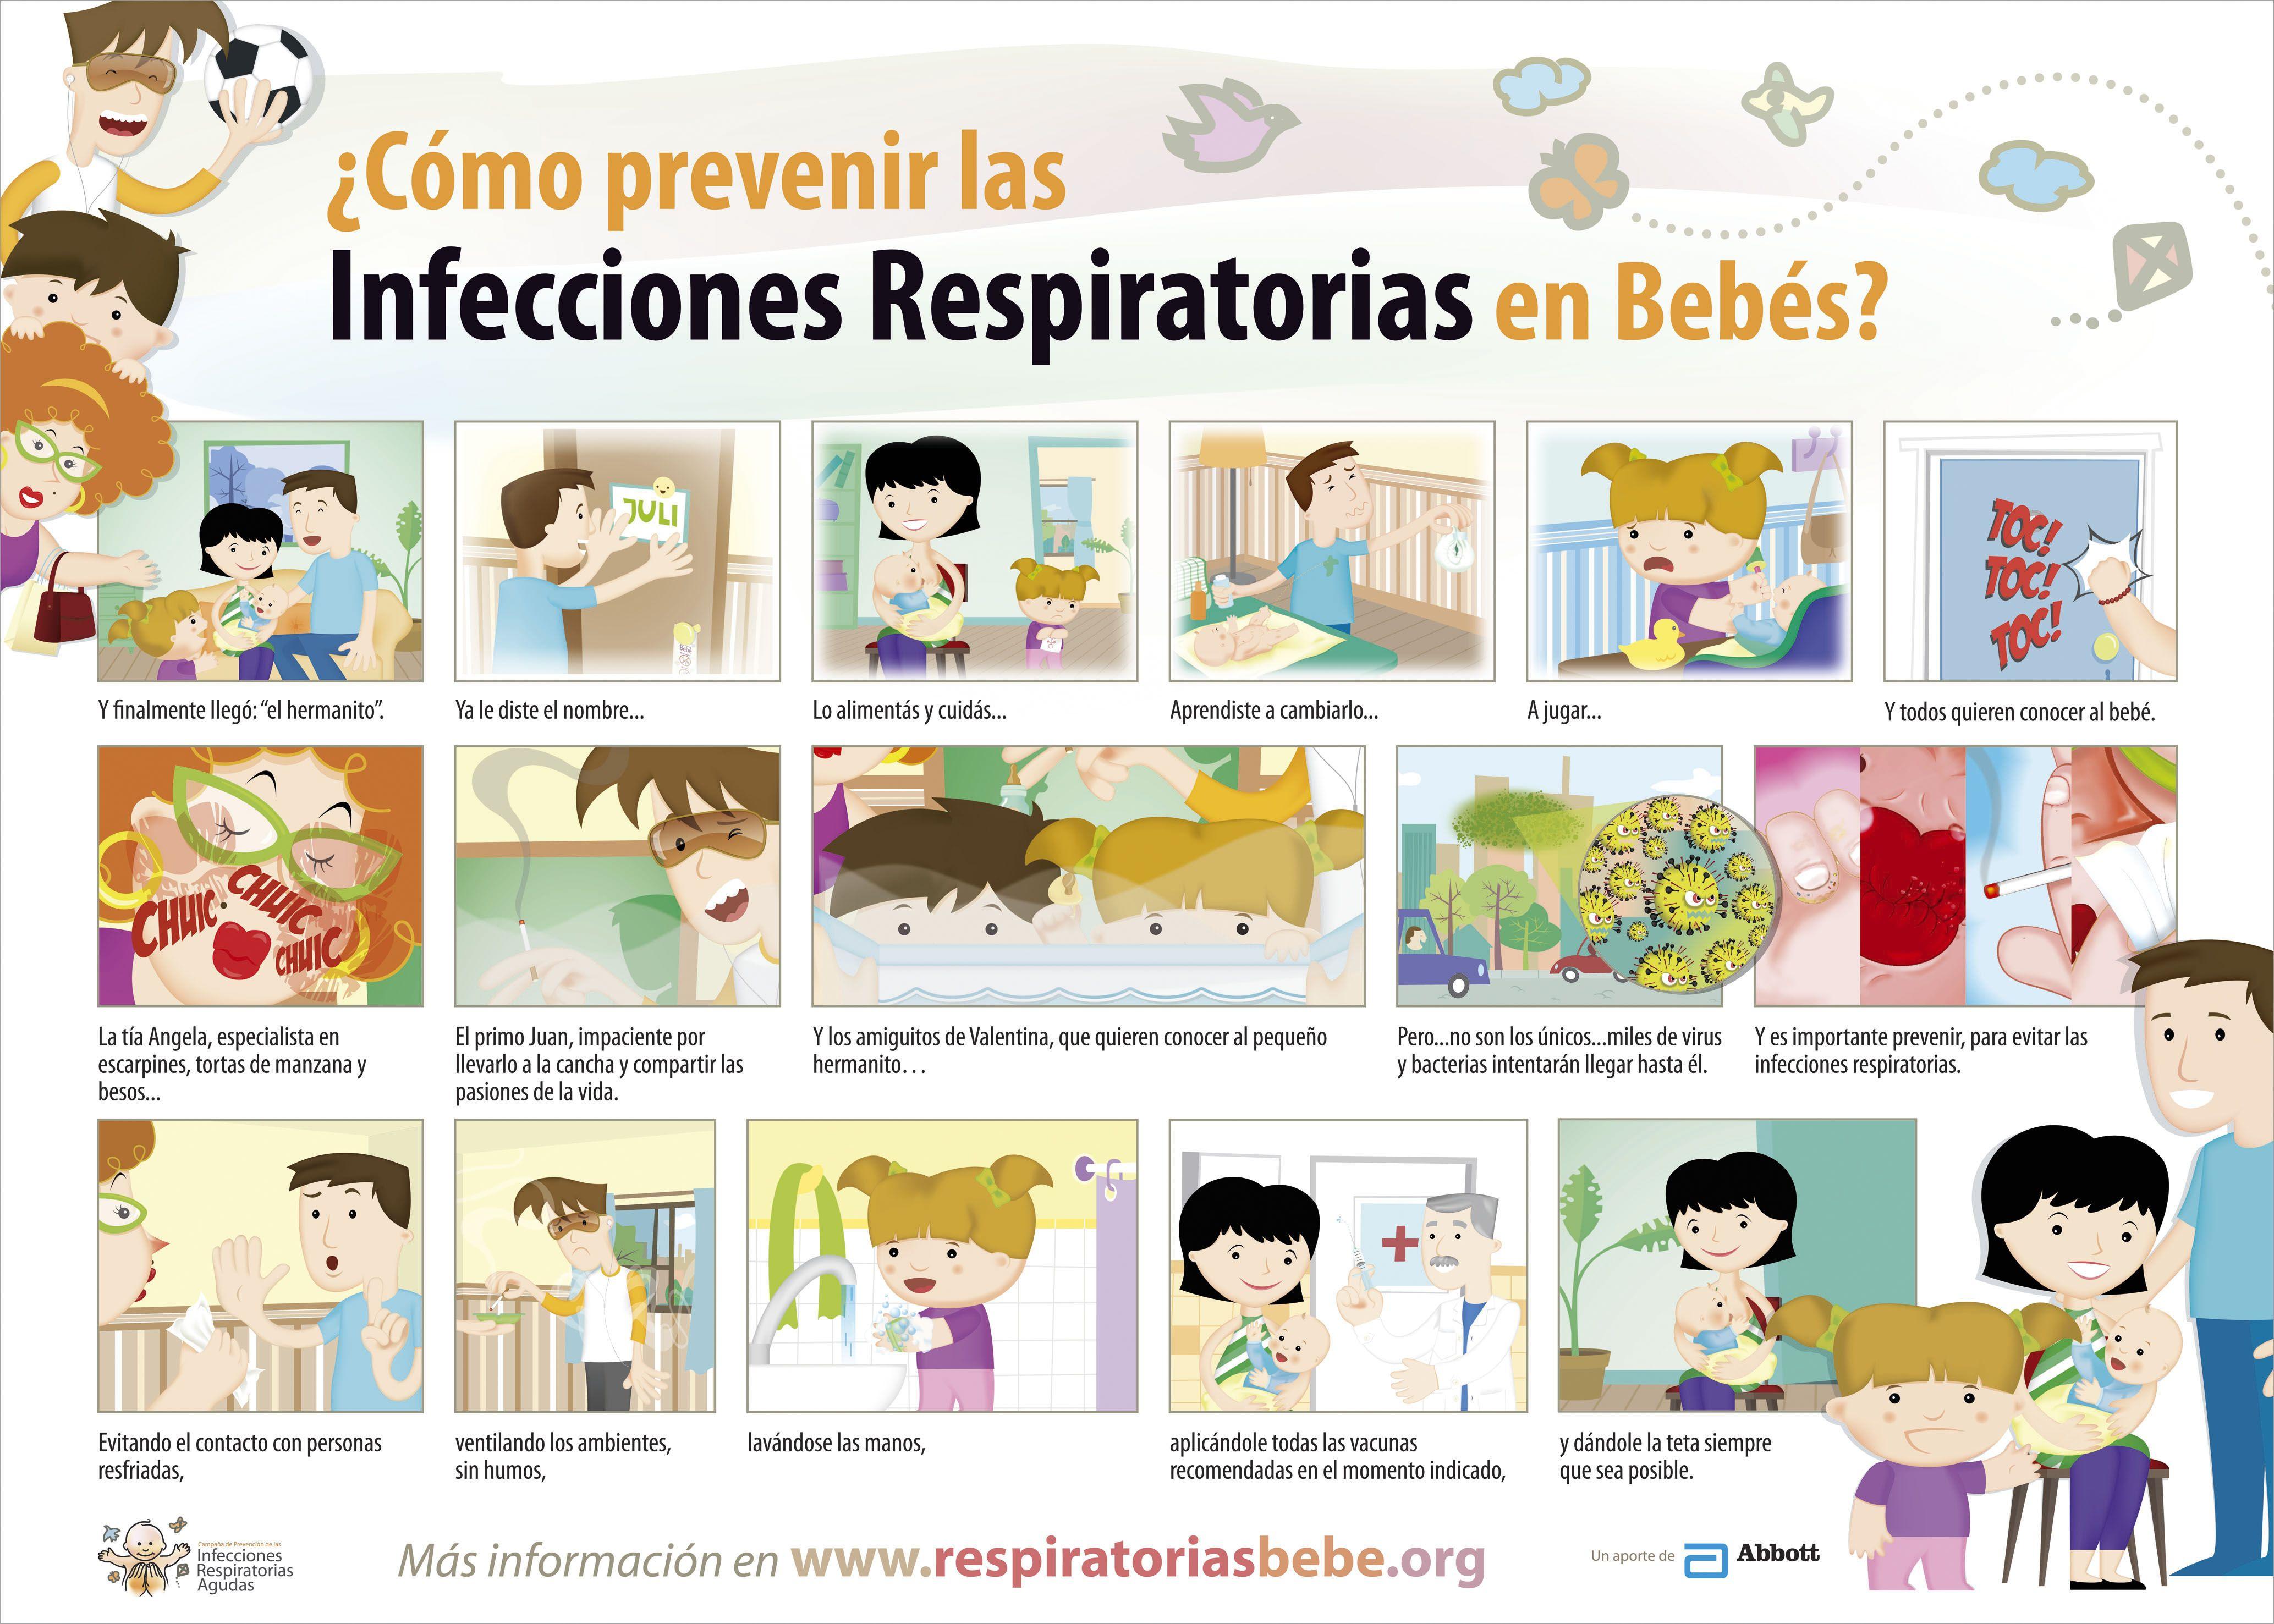 ¿Cómo prevenir las infecciones respiratorias en bebés